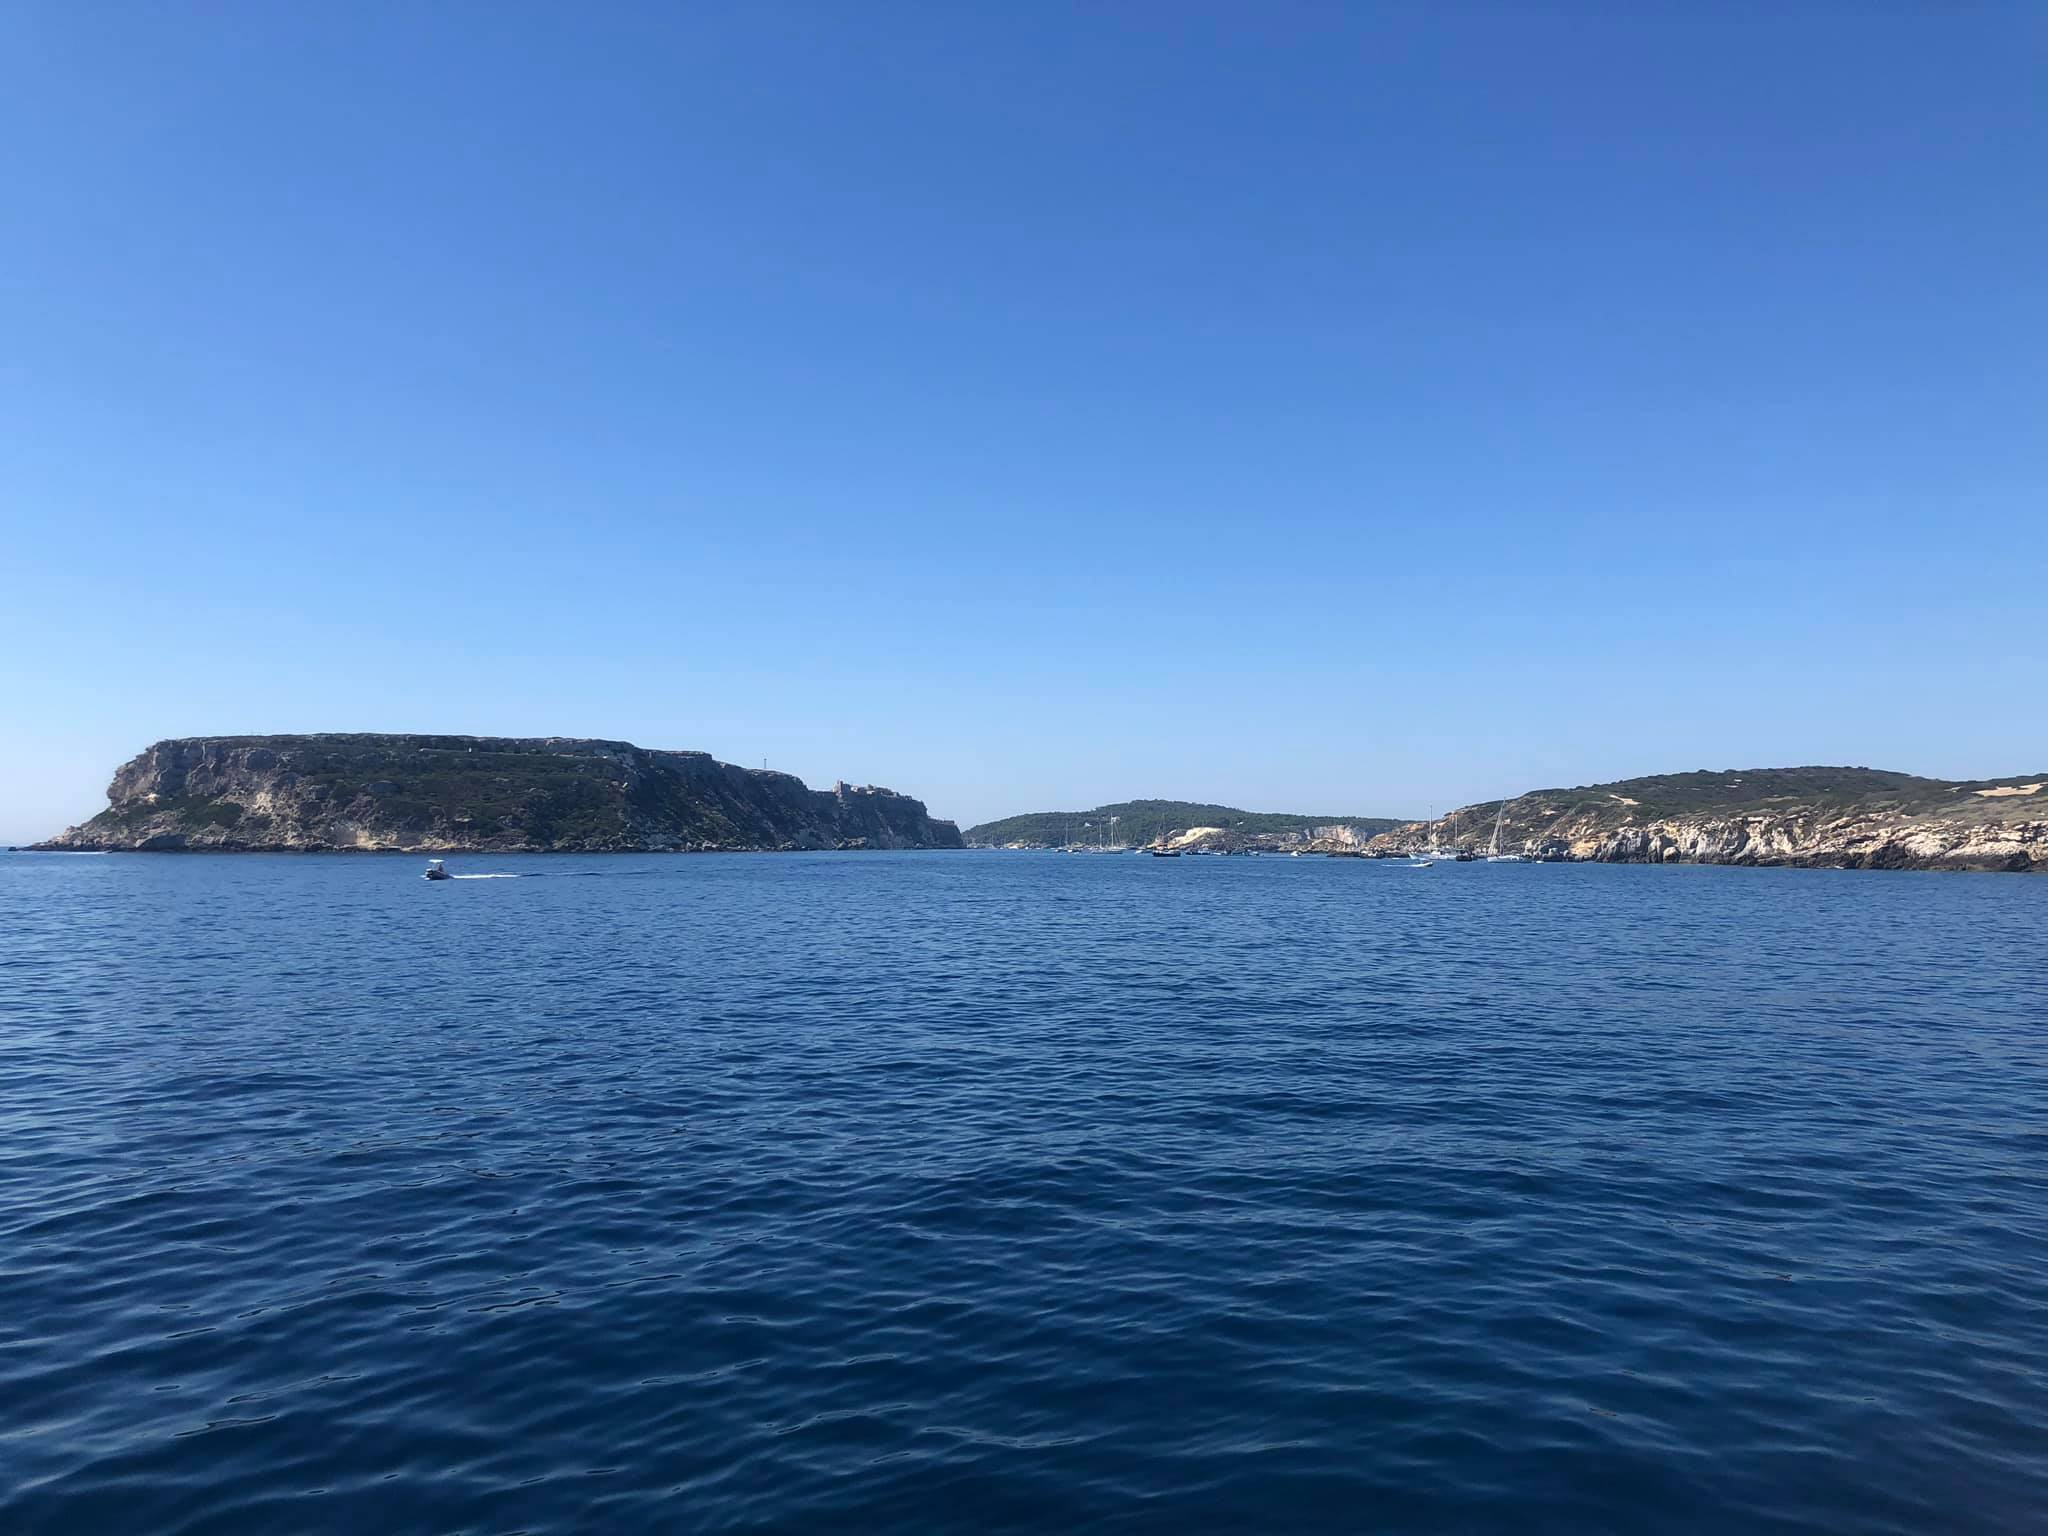 Prima crociera naturista ANAB - Diario di bordo  - AbruzzoNaturista